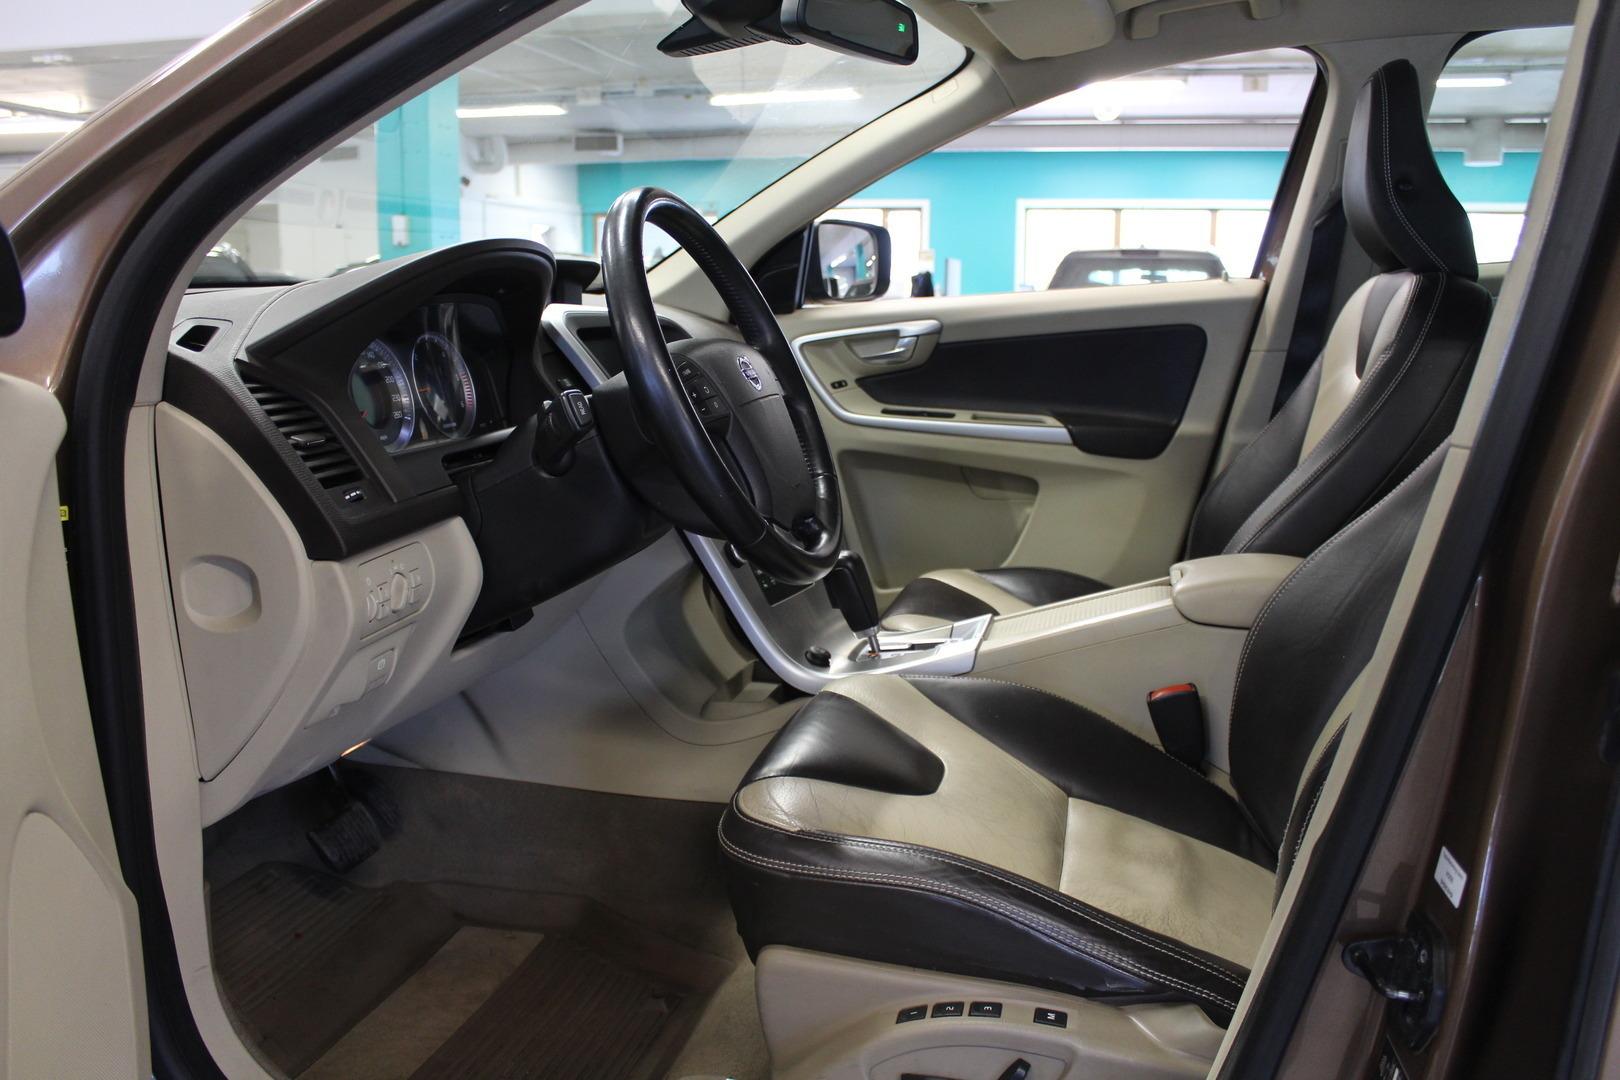 Volvo XC60, D5 AWD Summum aut #Siistikuntoinen #2-omisteinen #Hyvät varusteet